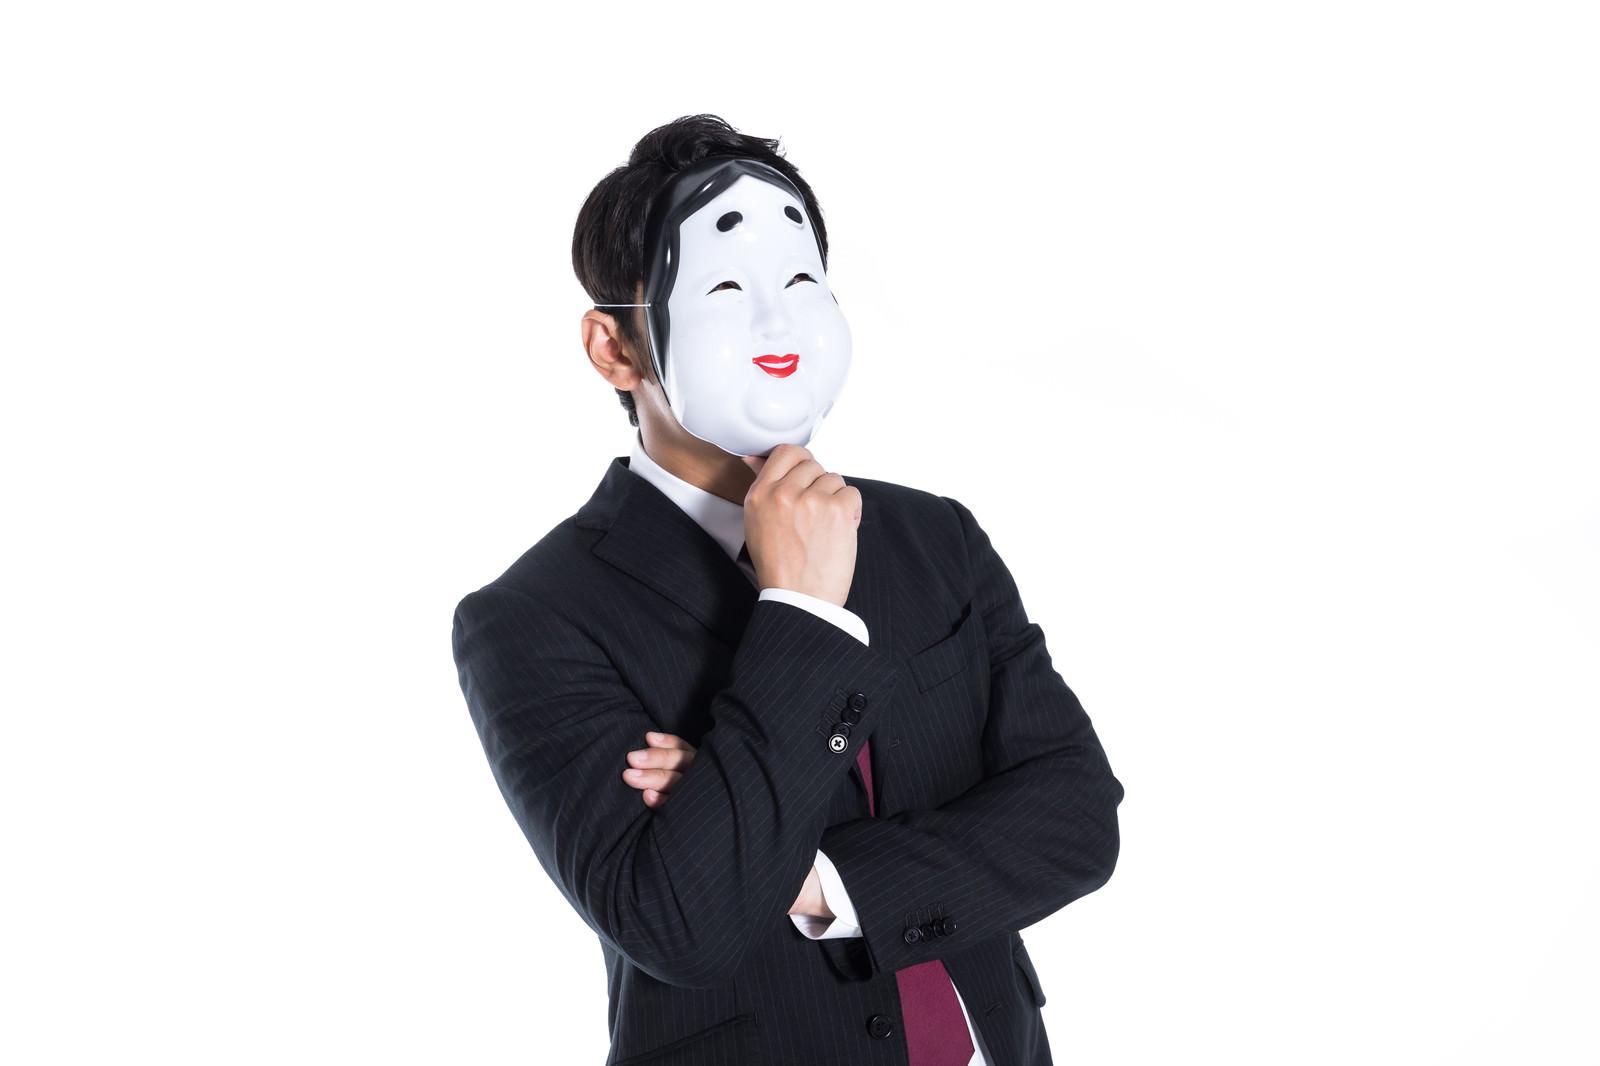 「噂話を流してあざ笑う匿名社員」の写真[モデル:大川竜弥]